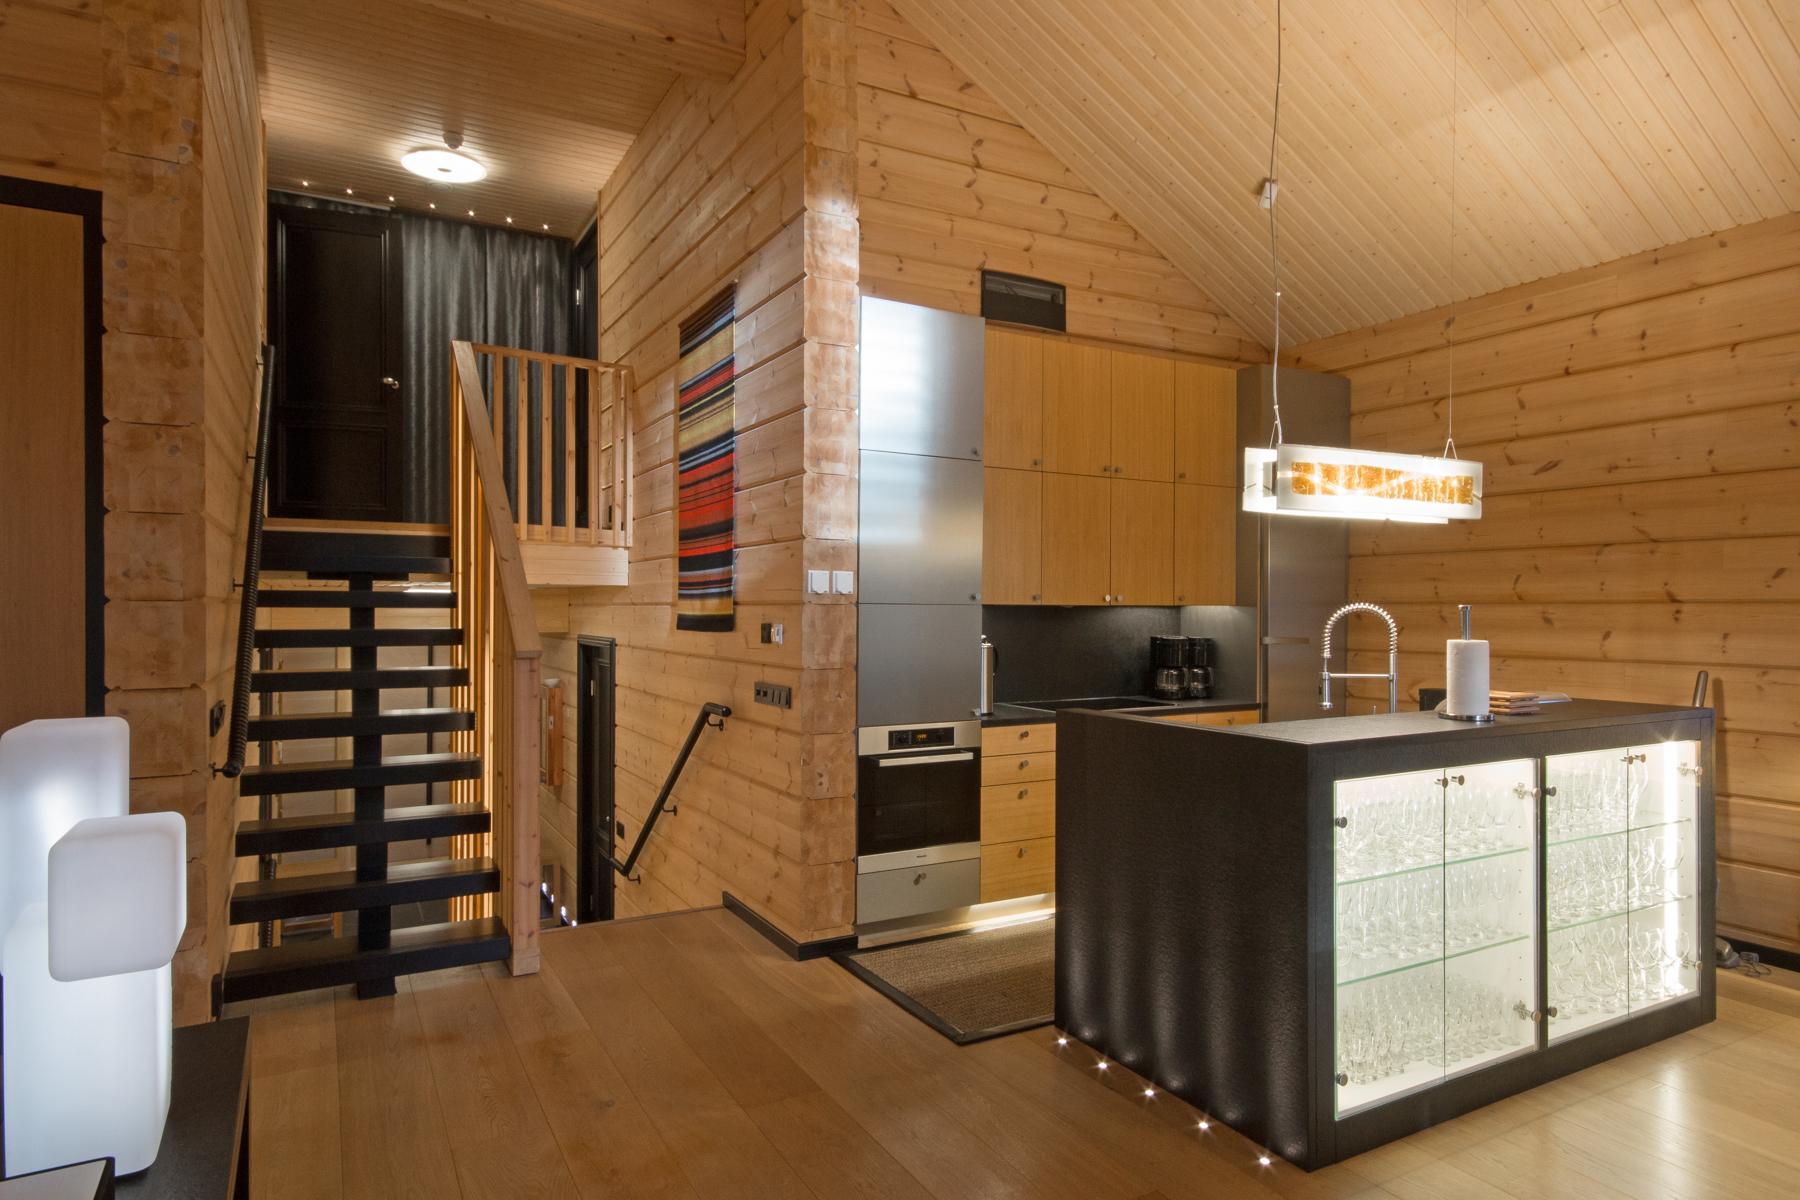 一戸建て のために 売買 アット Qualitative cottage in Levi Länsirakka 10 Other Cities In Finland, Cities In Finland, 99130 Finland